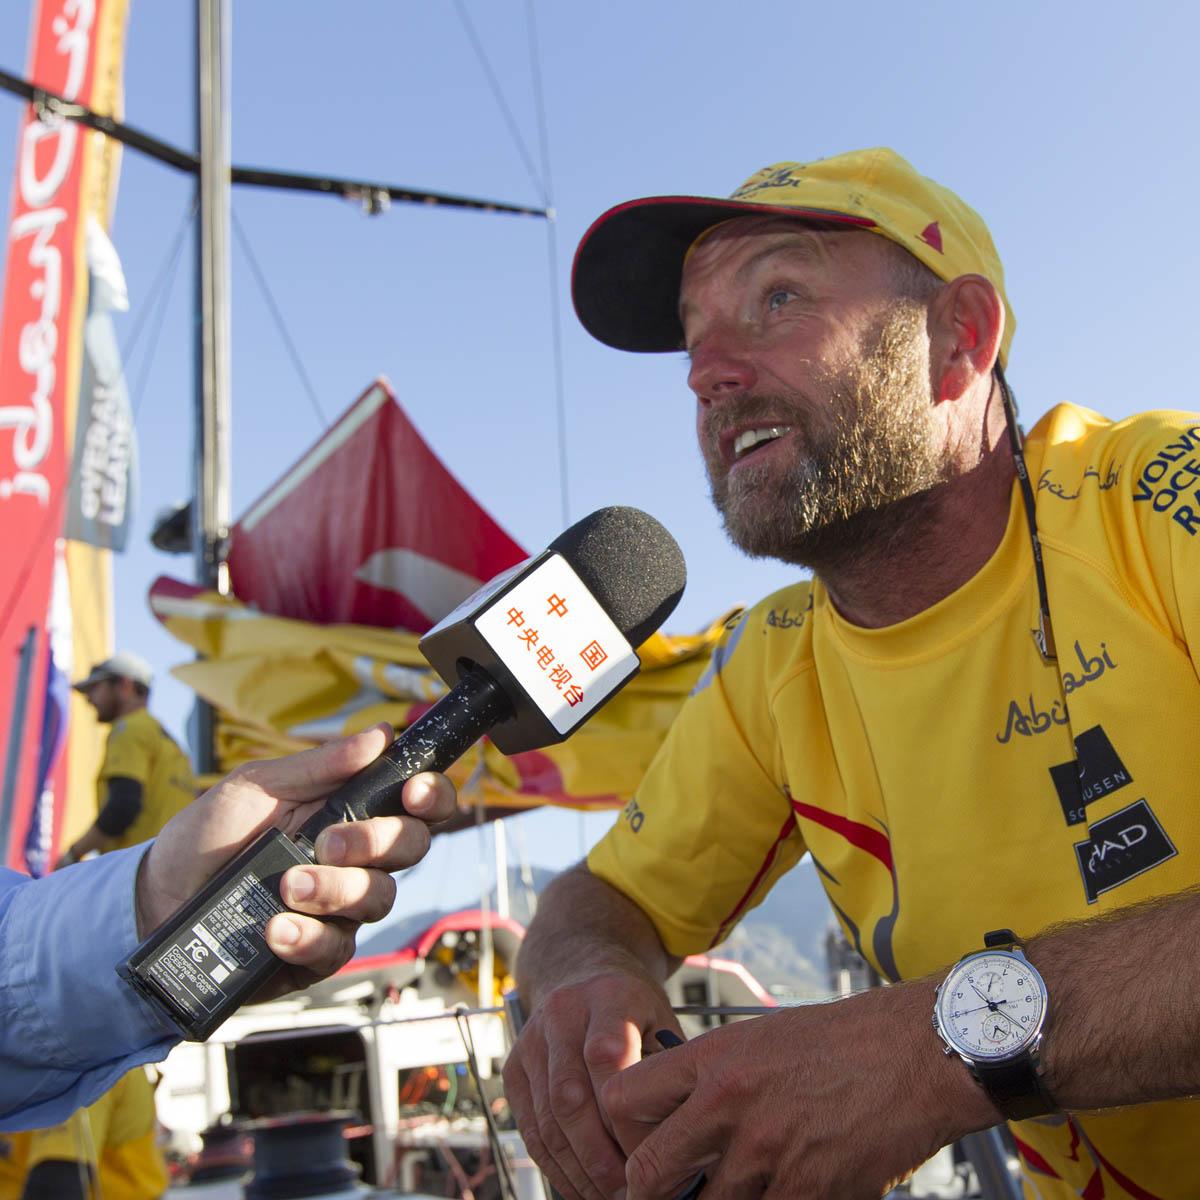 La Cote des Montres : Photo - IWC Schaffhausen célèbre la victoire d'Abu Dhabi Ocean Racing